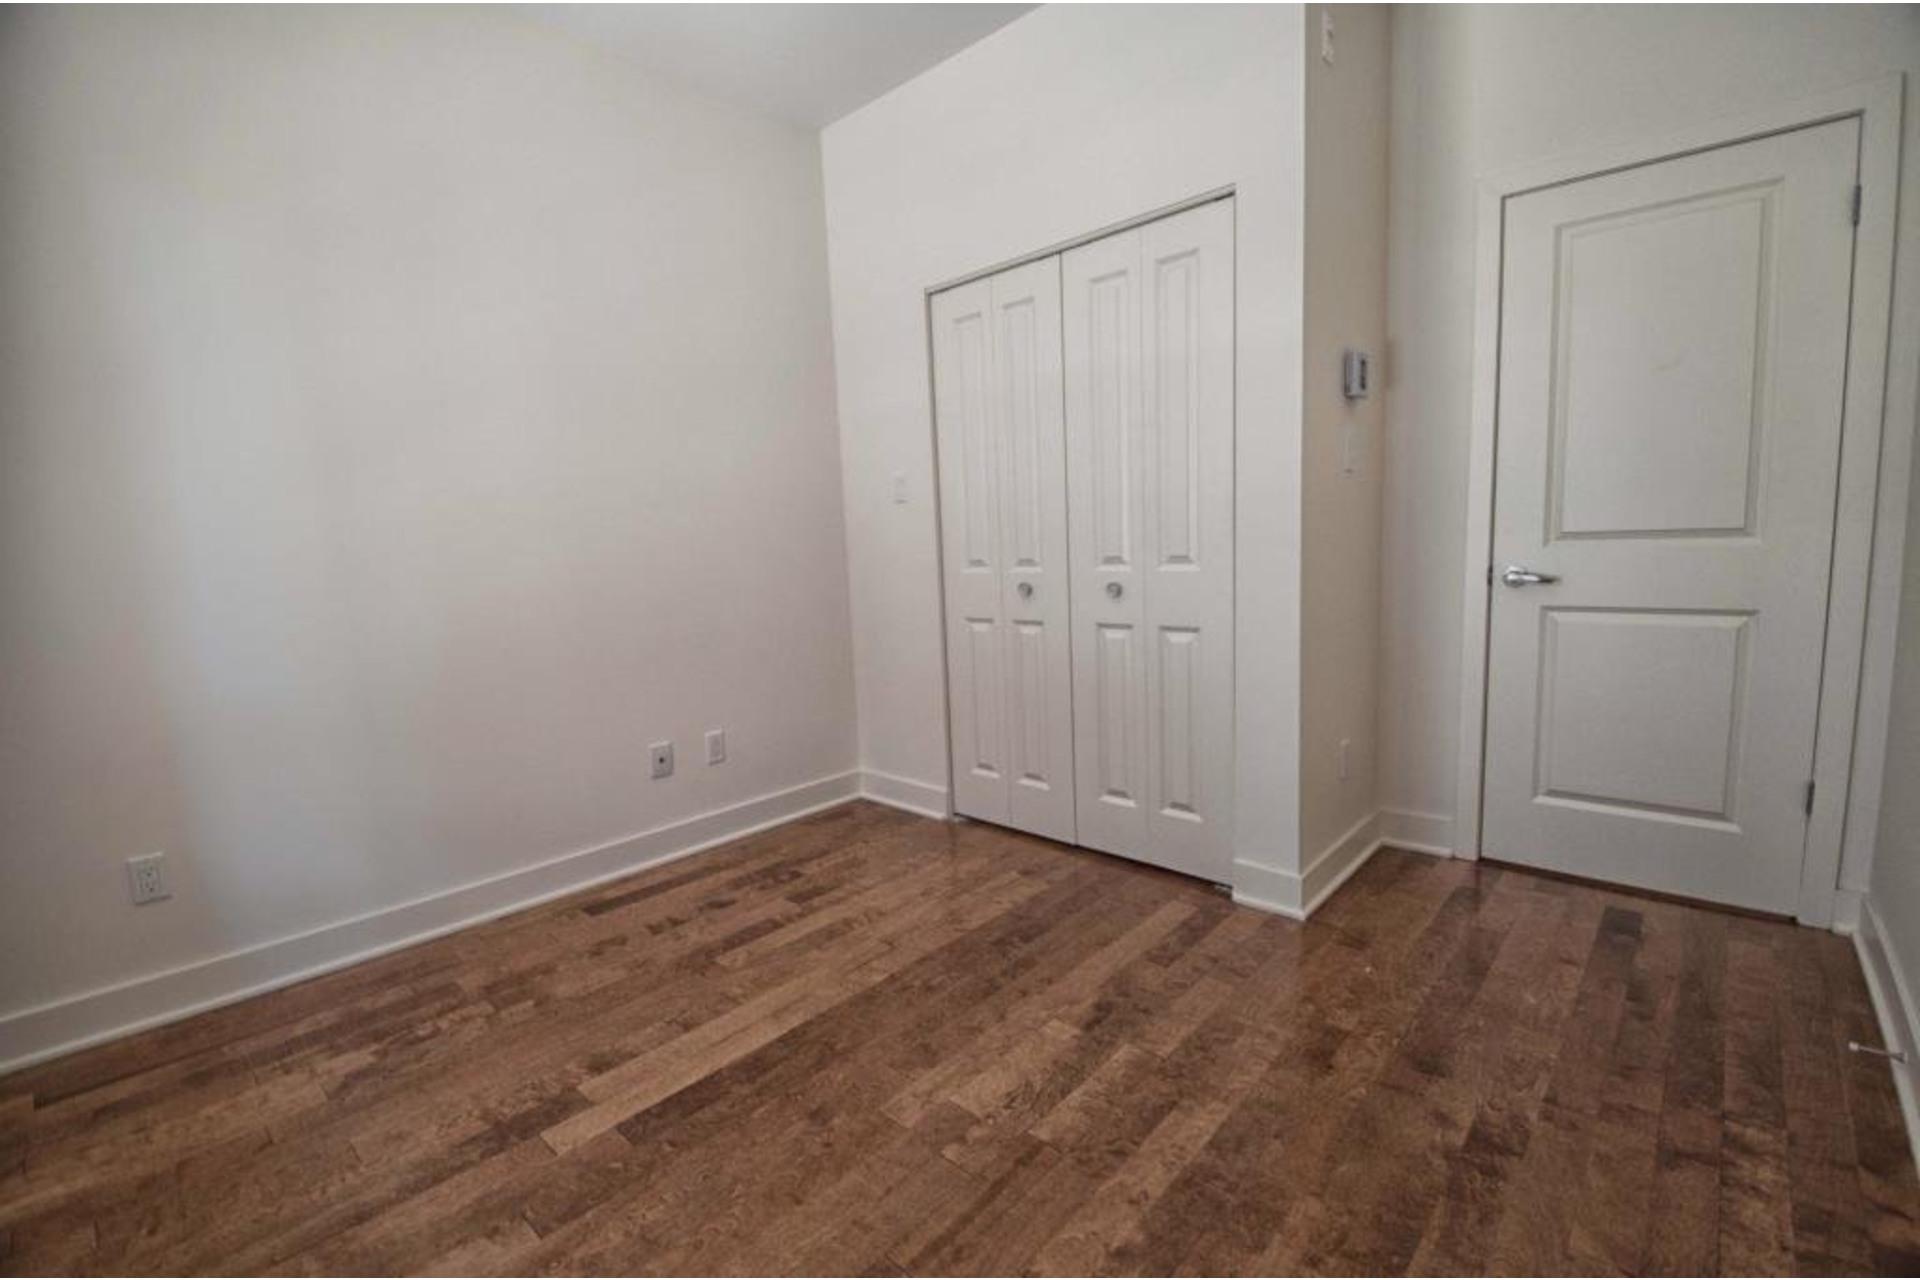 image 19 - Apartment For rent Rivière-des-Prairies/Pointe-aux-Trembles Montréal  - 6 rooms